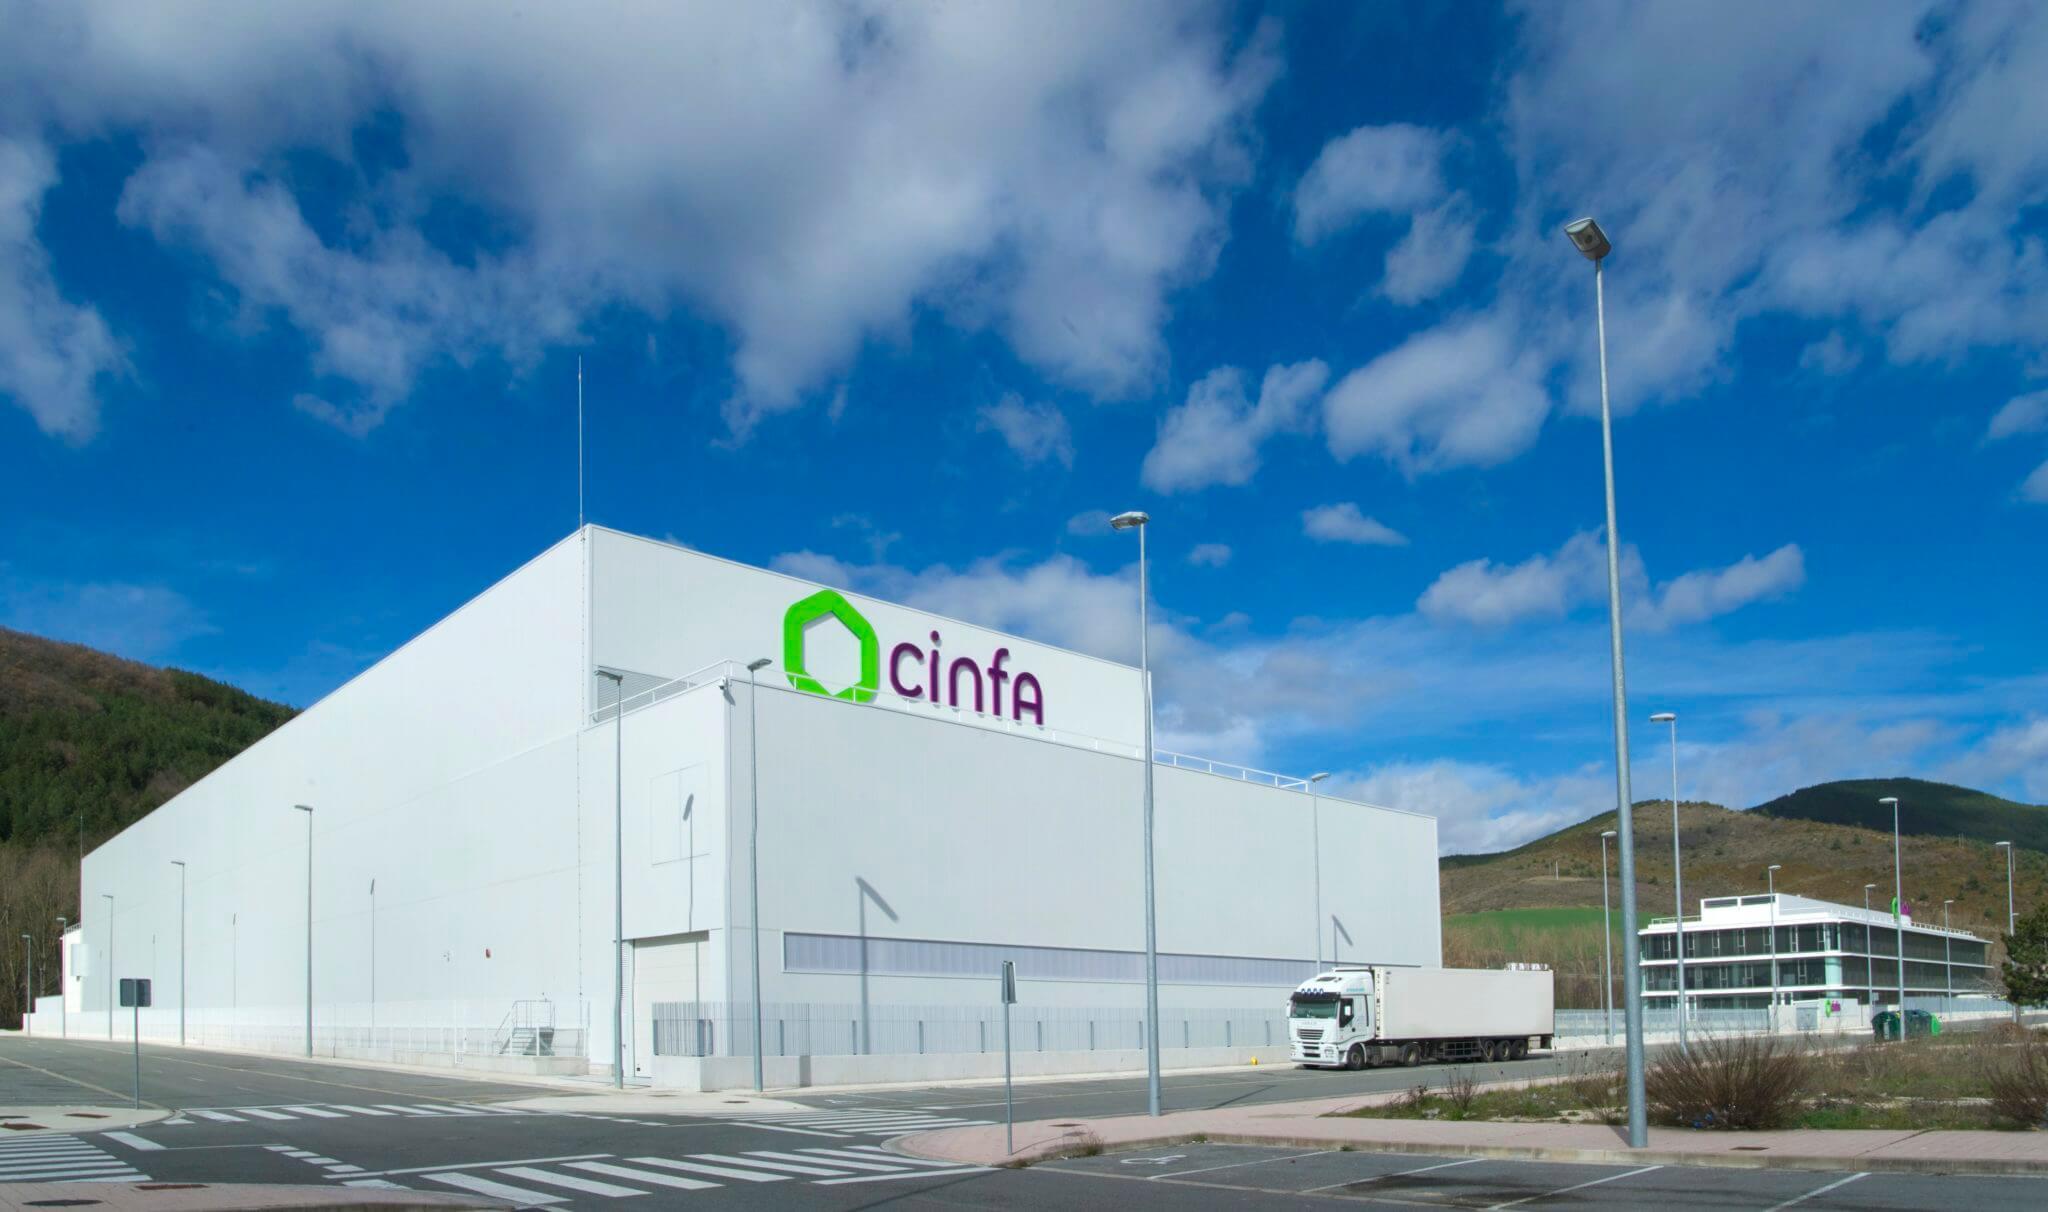 Cinfa_Almacen automatizado y oficinas